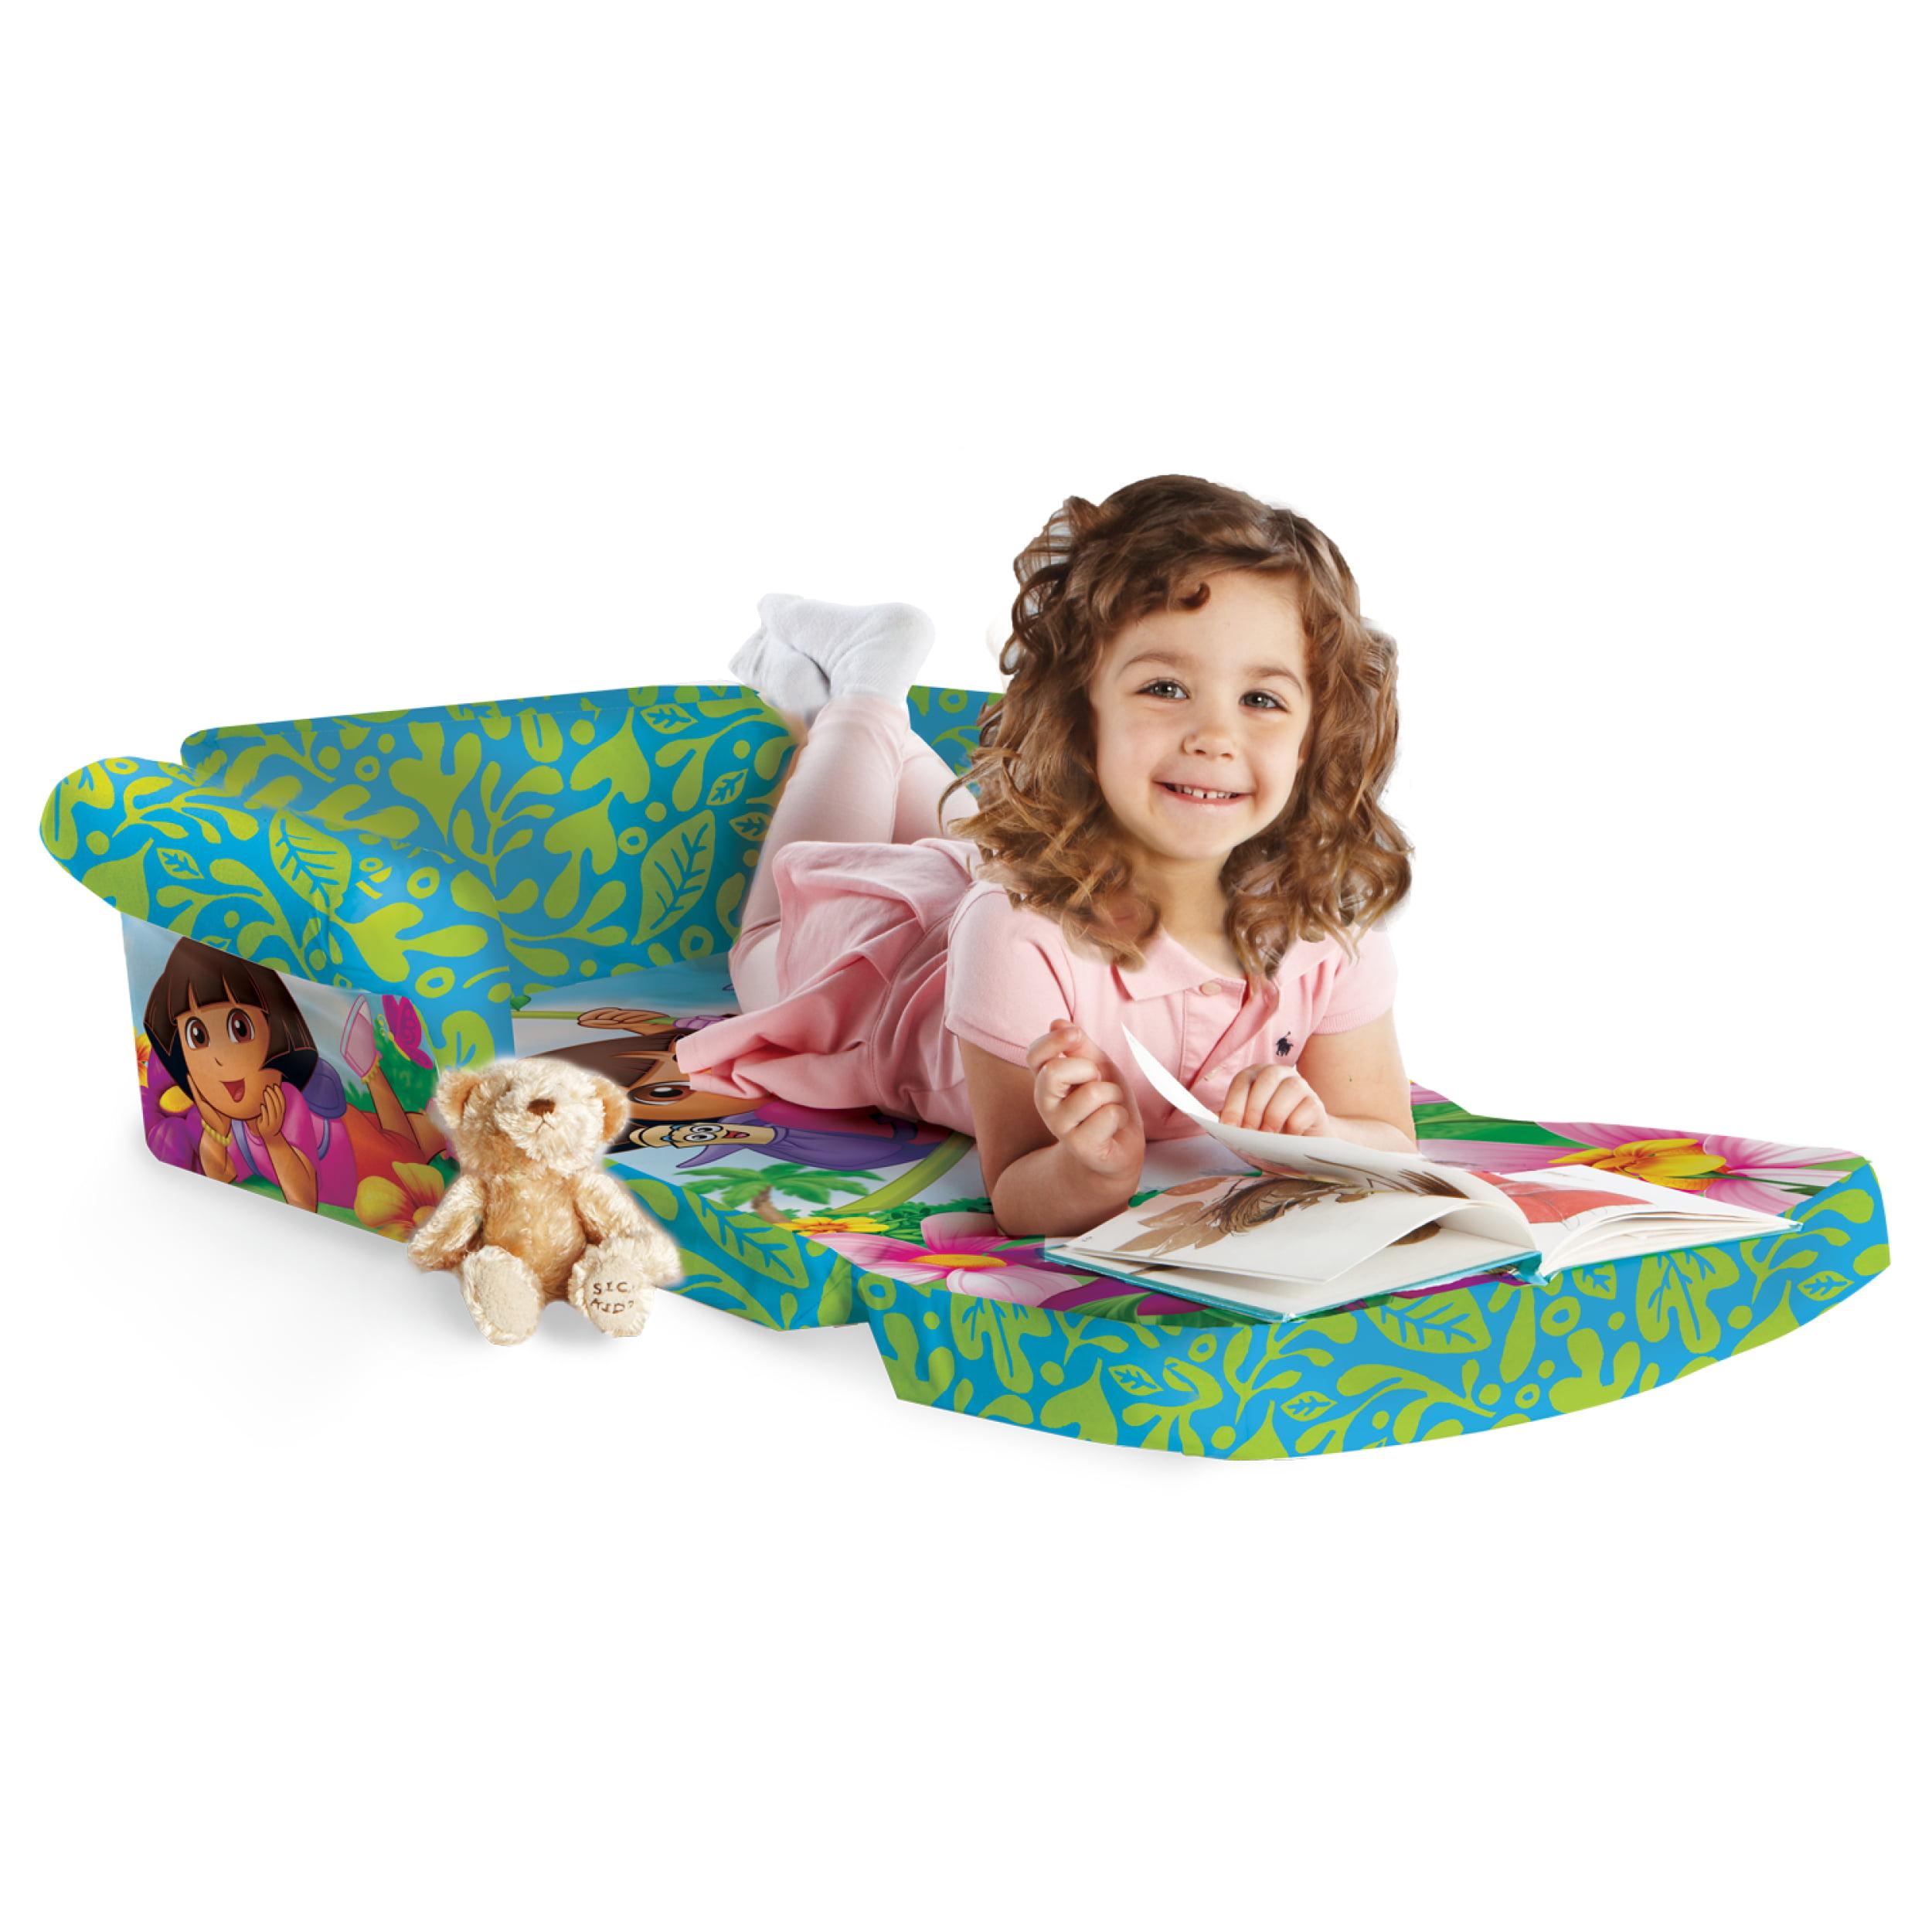 Tremendous Dora The Explorer Couch Machost Co Dining Chair Design Ideas Machostcouk